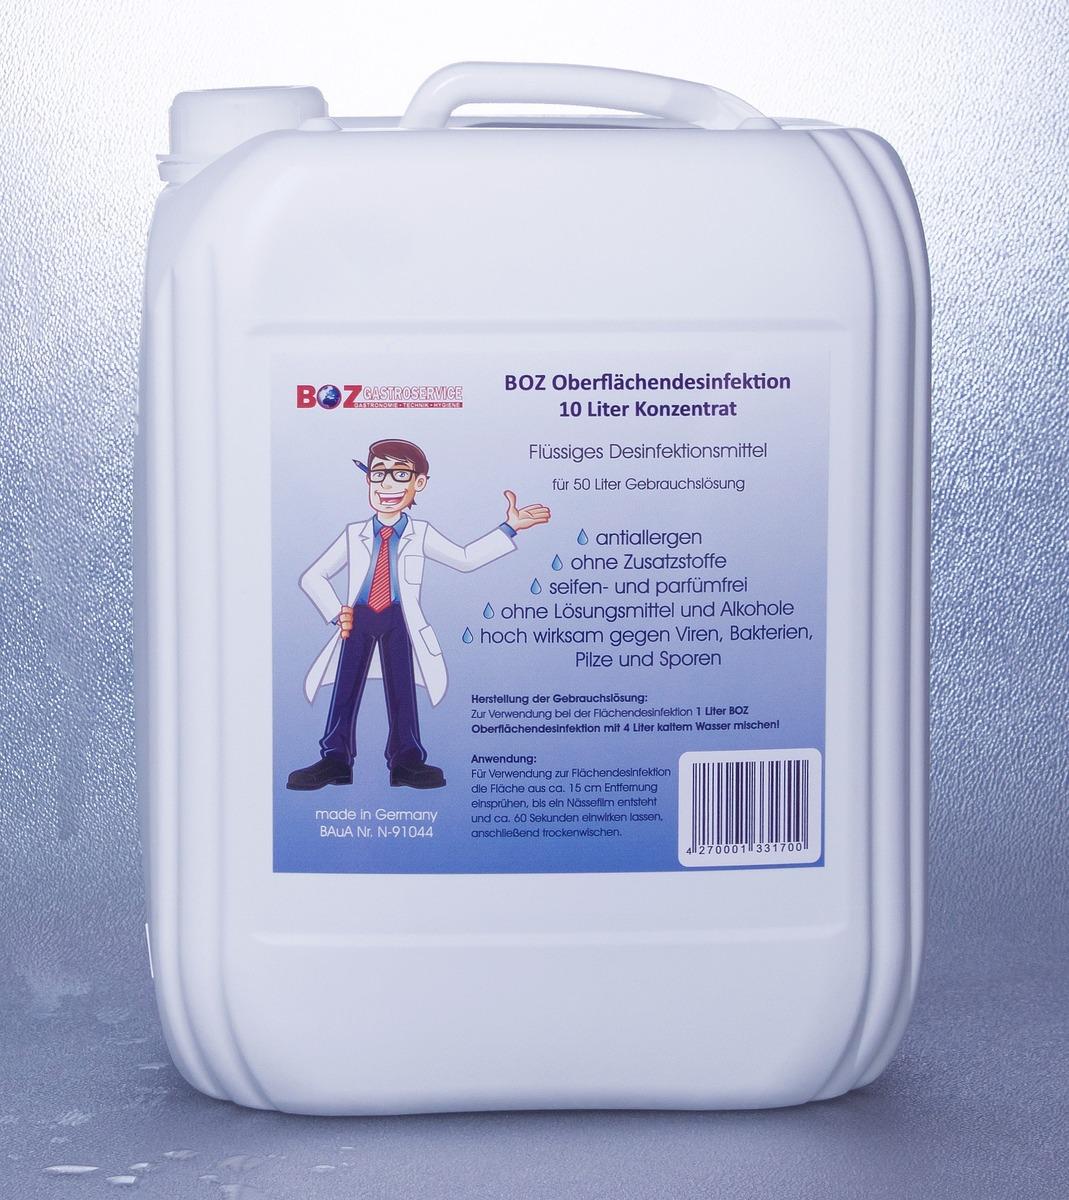 Bild 1 von Desinfektion, 10 Liter Desinfektionsmittel, BOZ Oberflächendesinfektion Konzentrat, für 50 Liter Gebrauchslösung